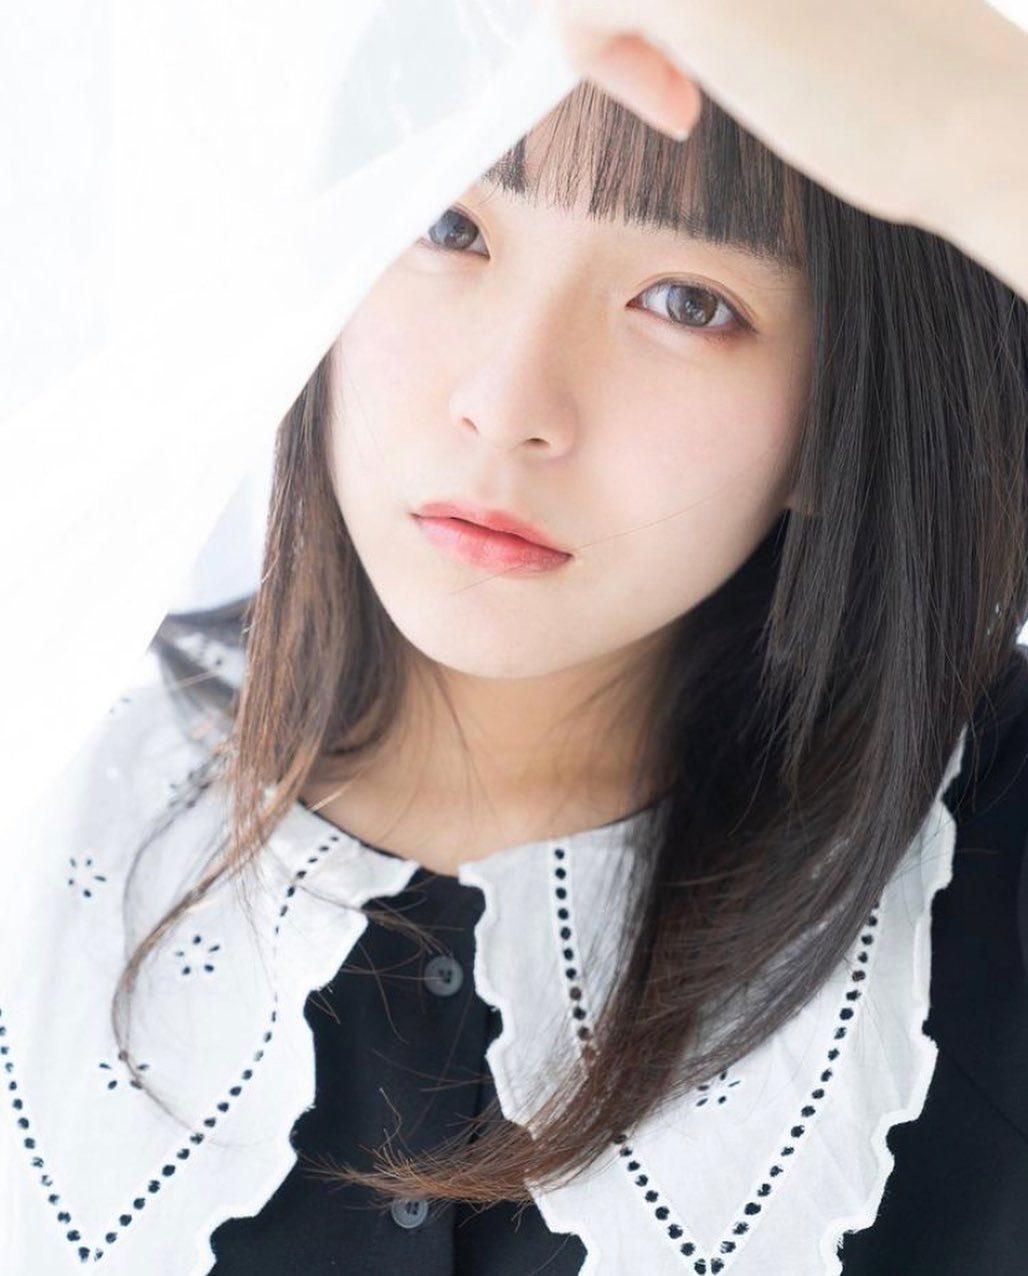 17岁仙女高中生瀬戸りつ绝美长相激似IU 全身散发空灵气质美到有点不真实 养眼图片 第23张